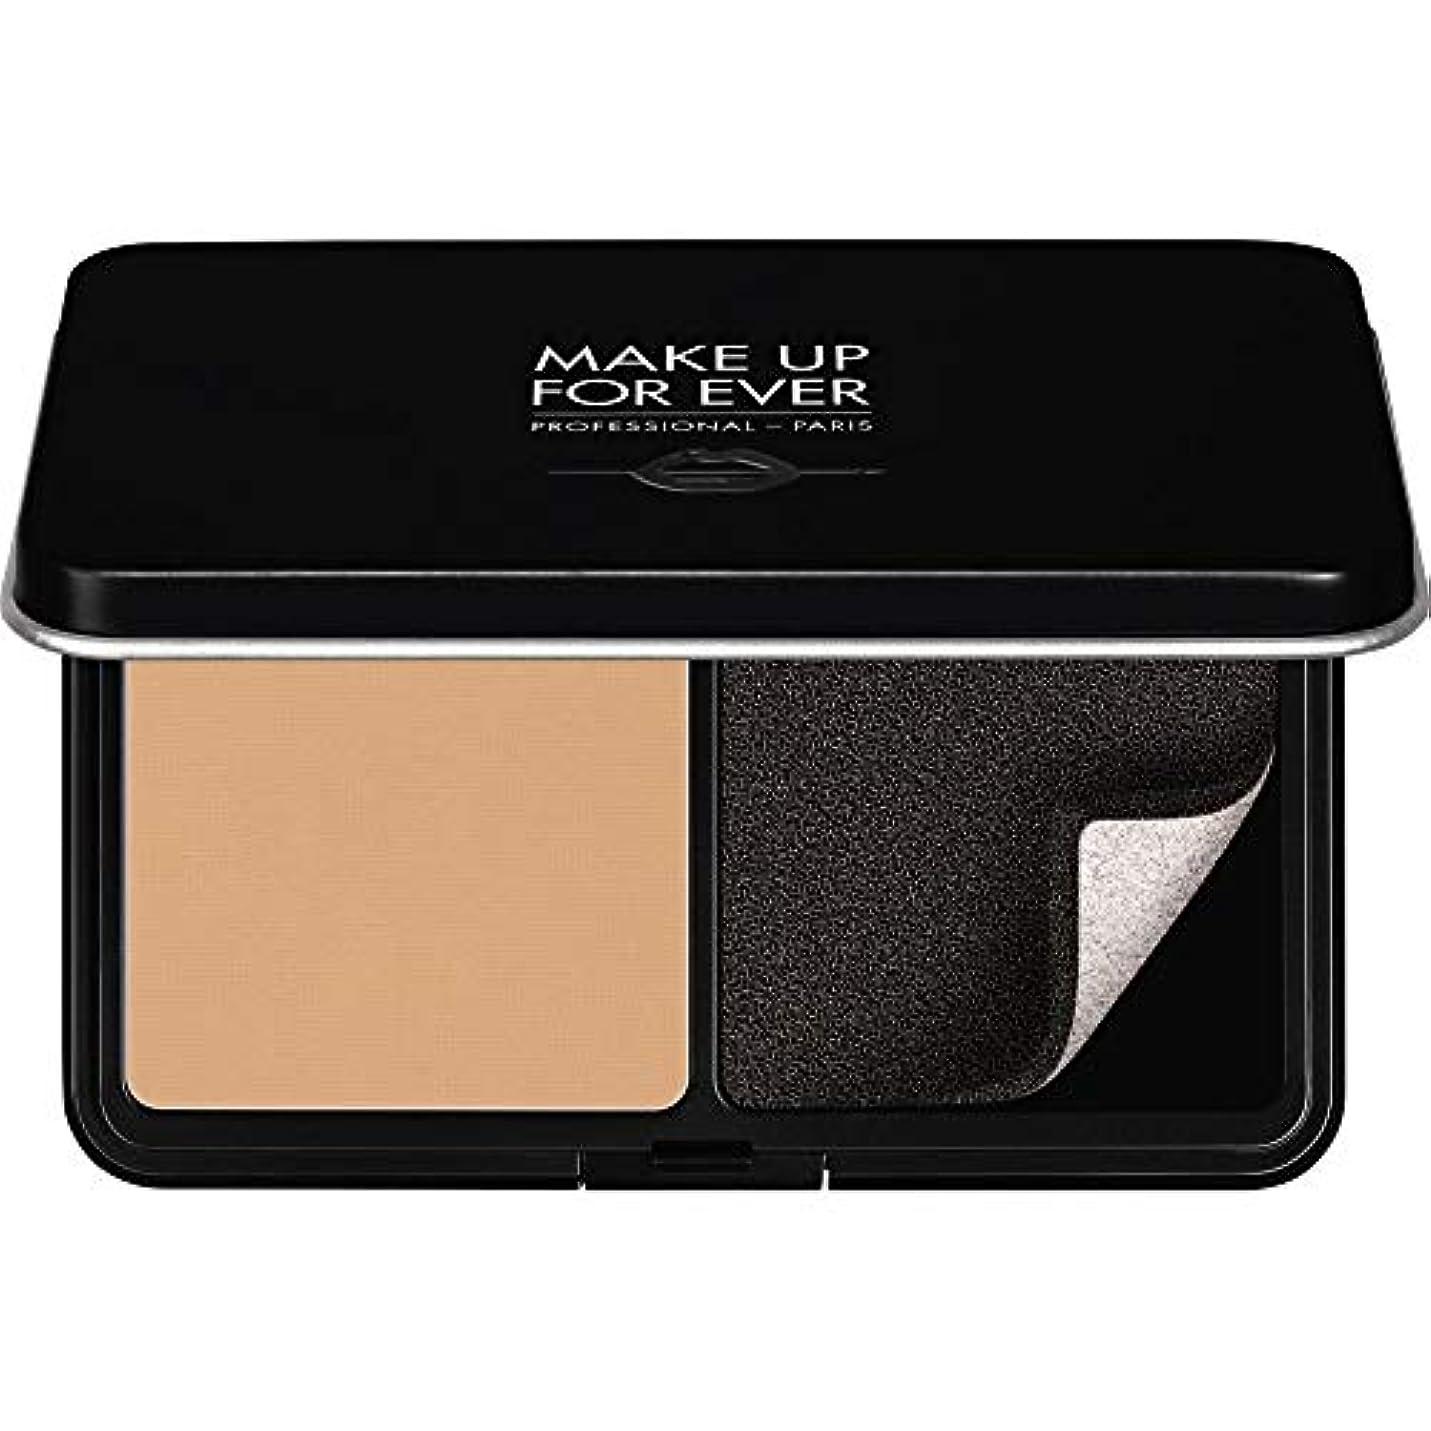 バイアス契約した投資する[MAKE UP FOR EVER ] パウダーファンデーション11GののY305をぼかし、これまでマットベルベットの肌を補う - ソフトベージュ - MAKE UP FOR EVER Matte Velvet Skin...